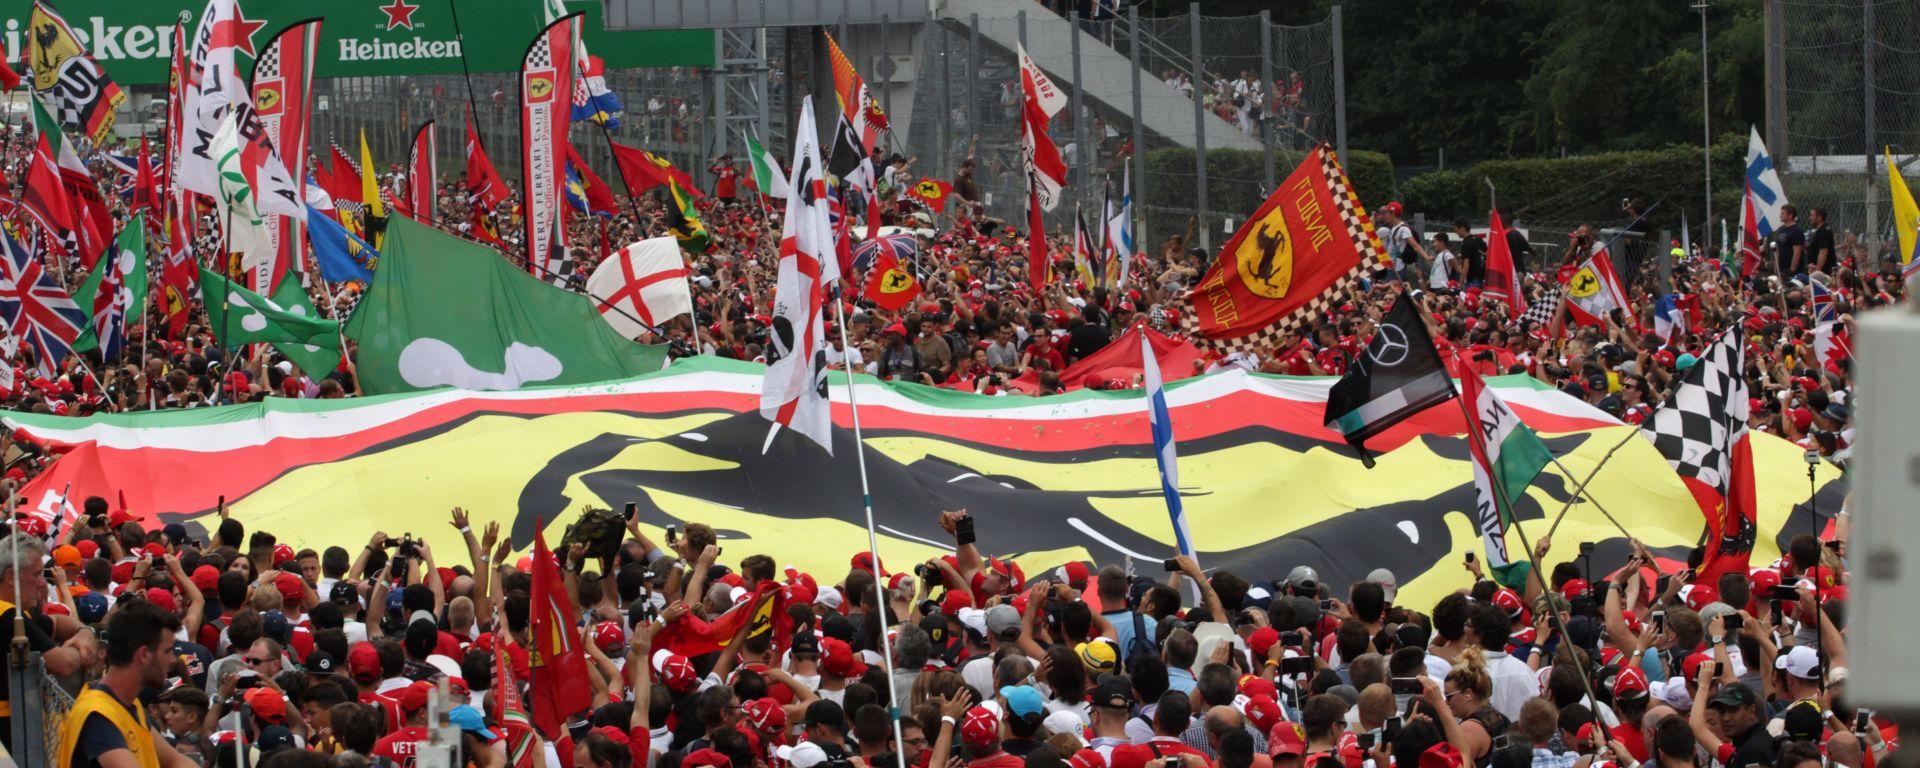 F1, la folla di tifosi della Ferrari sotto il podio di Monza